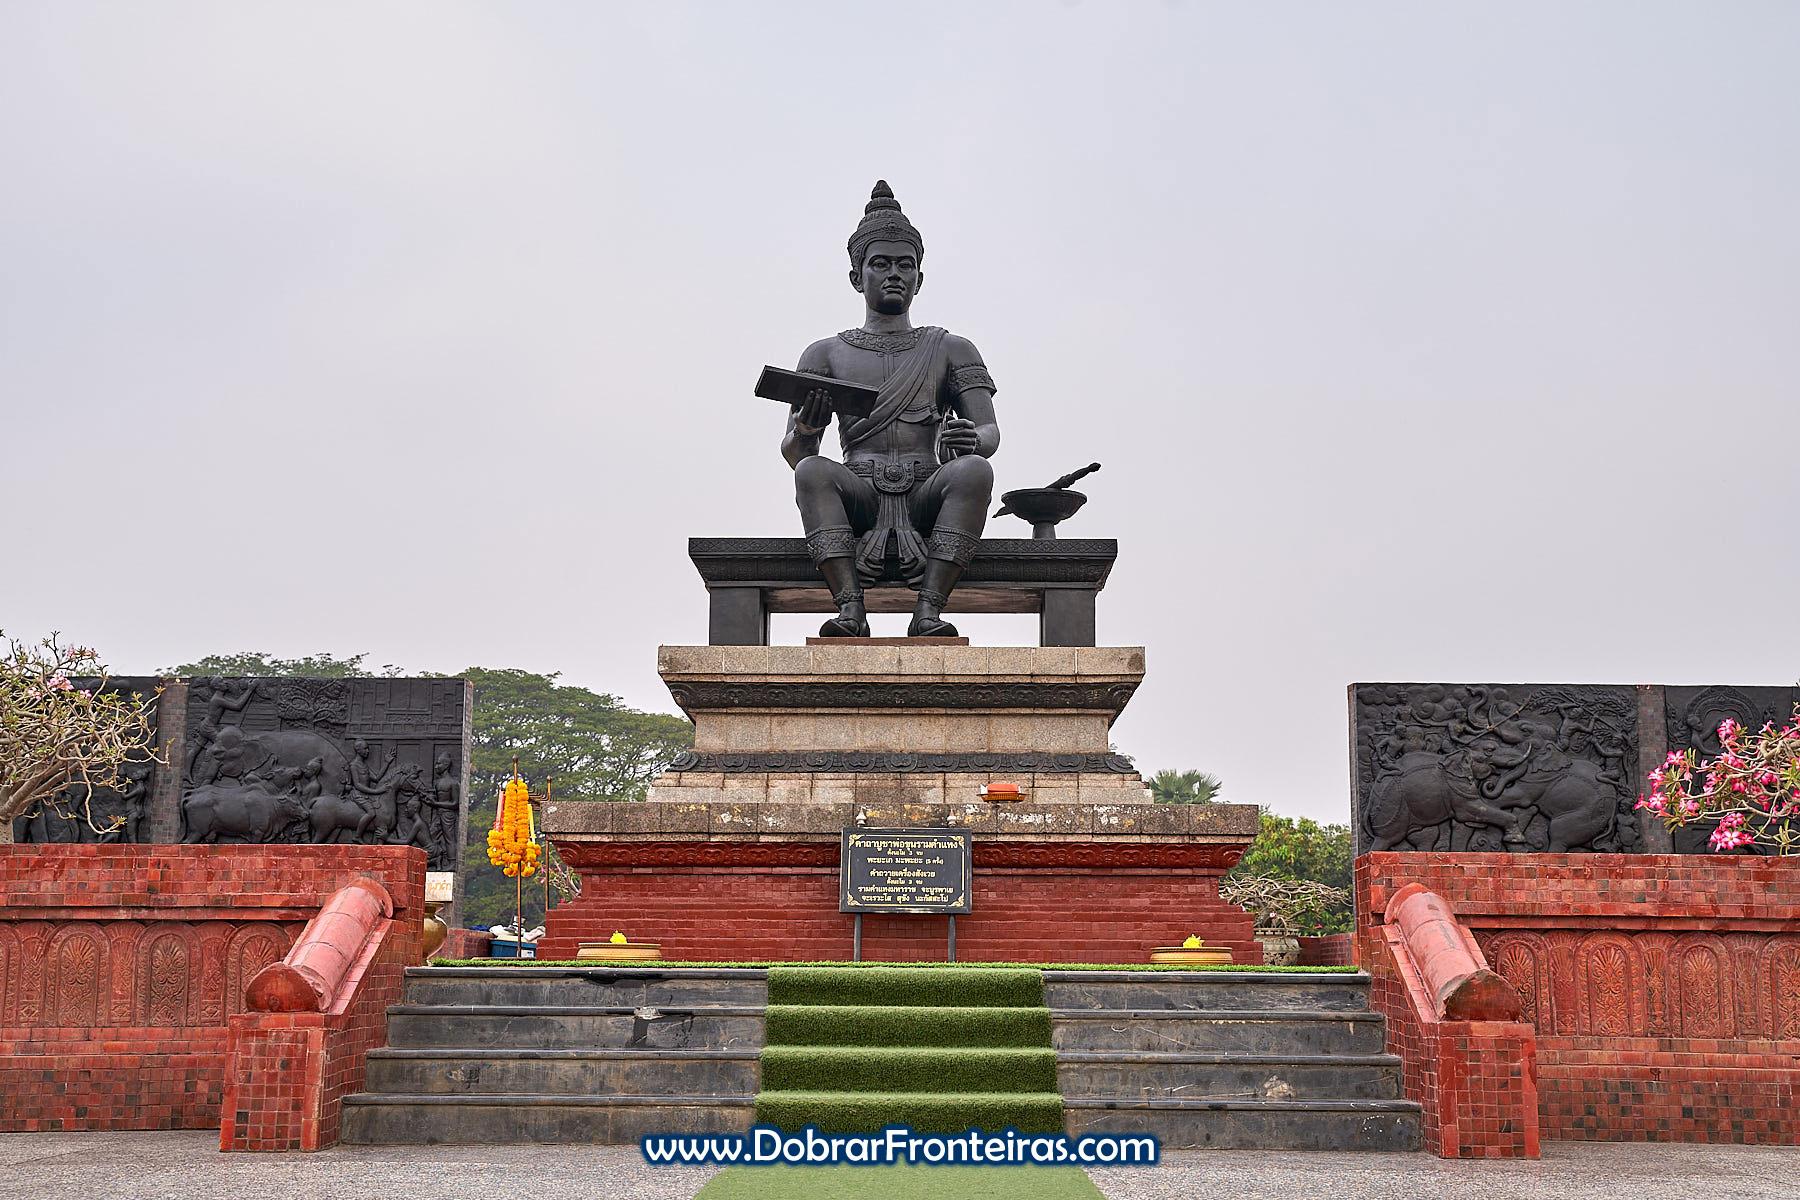 Monumento com estátua do rei Ram Khamhaeng em Sukhothai